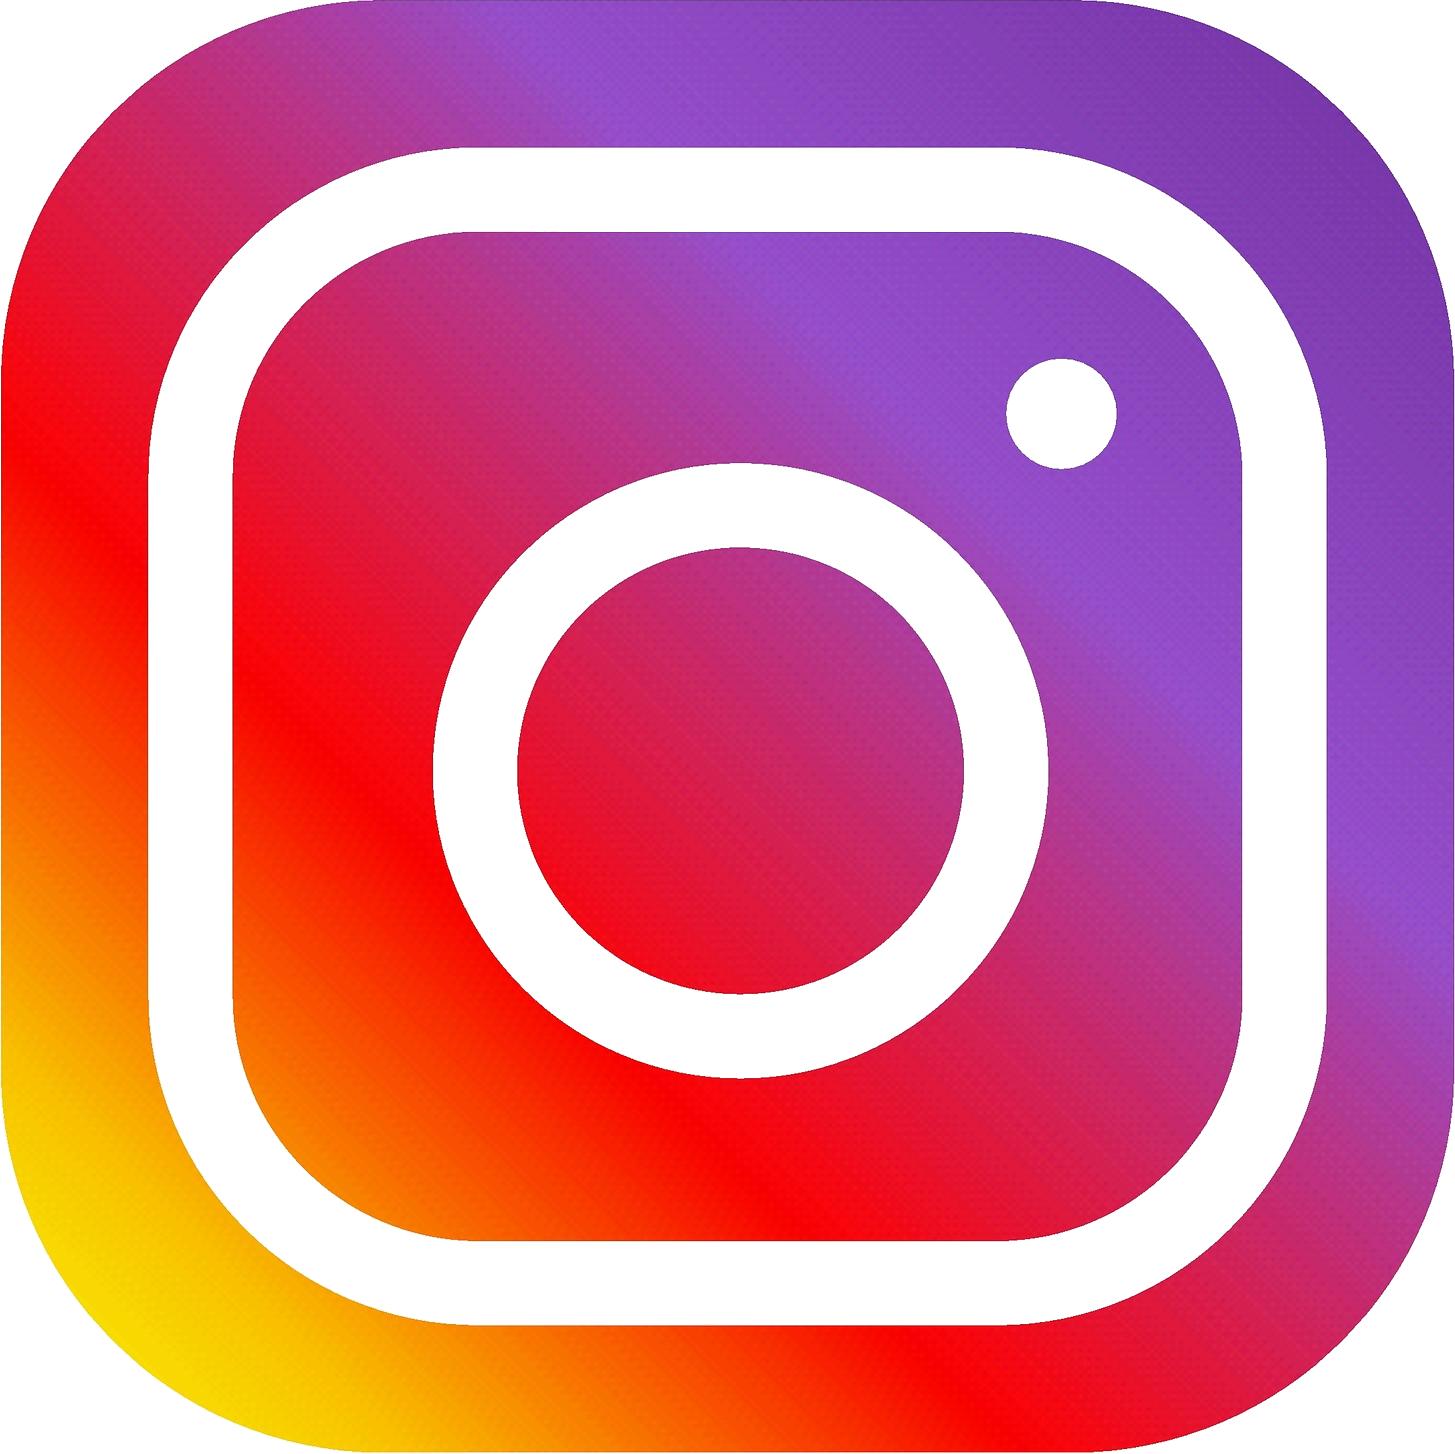 Volg ons ook op Instragram!